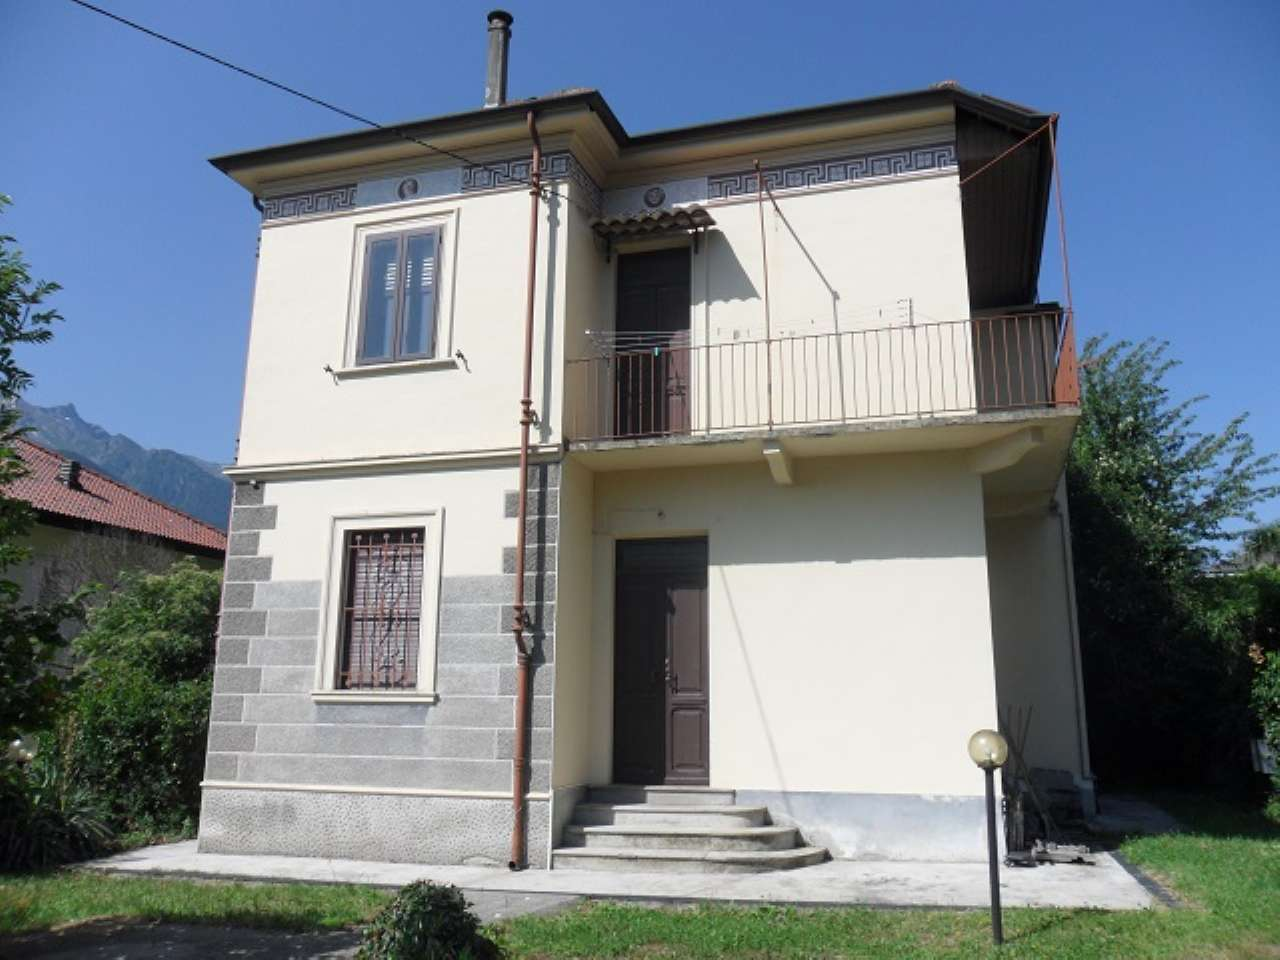 Appartamento in affitto a Bussoleno, 2 locali, prezzo € 330 | PortaleAgenzieImmobiliari.it